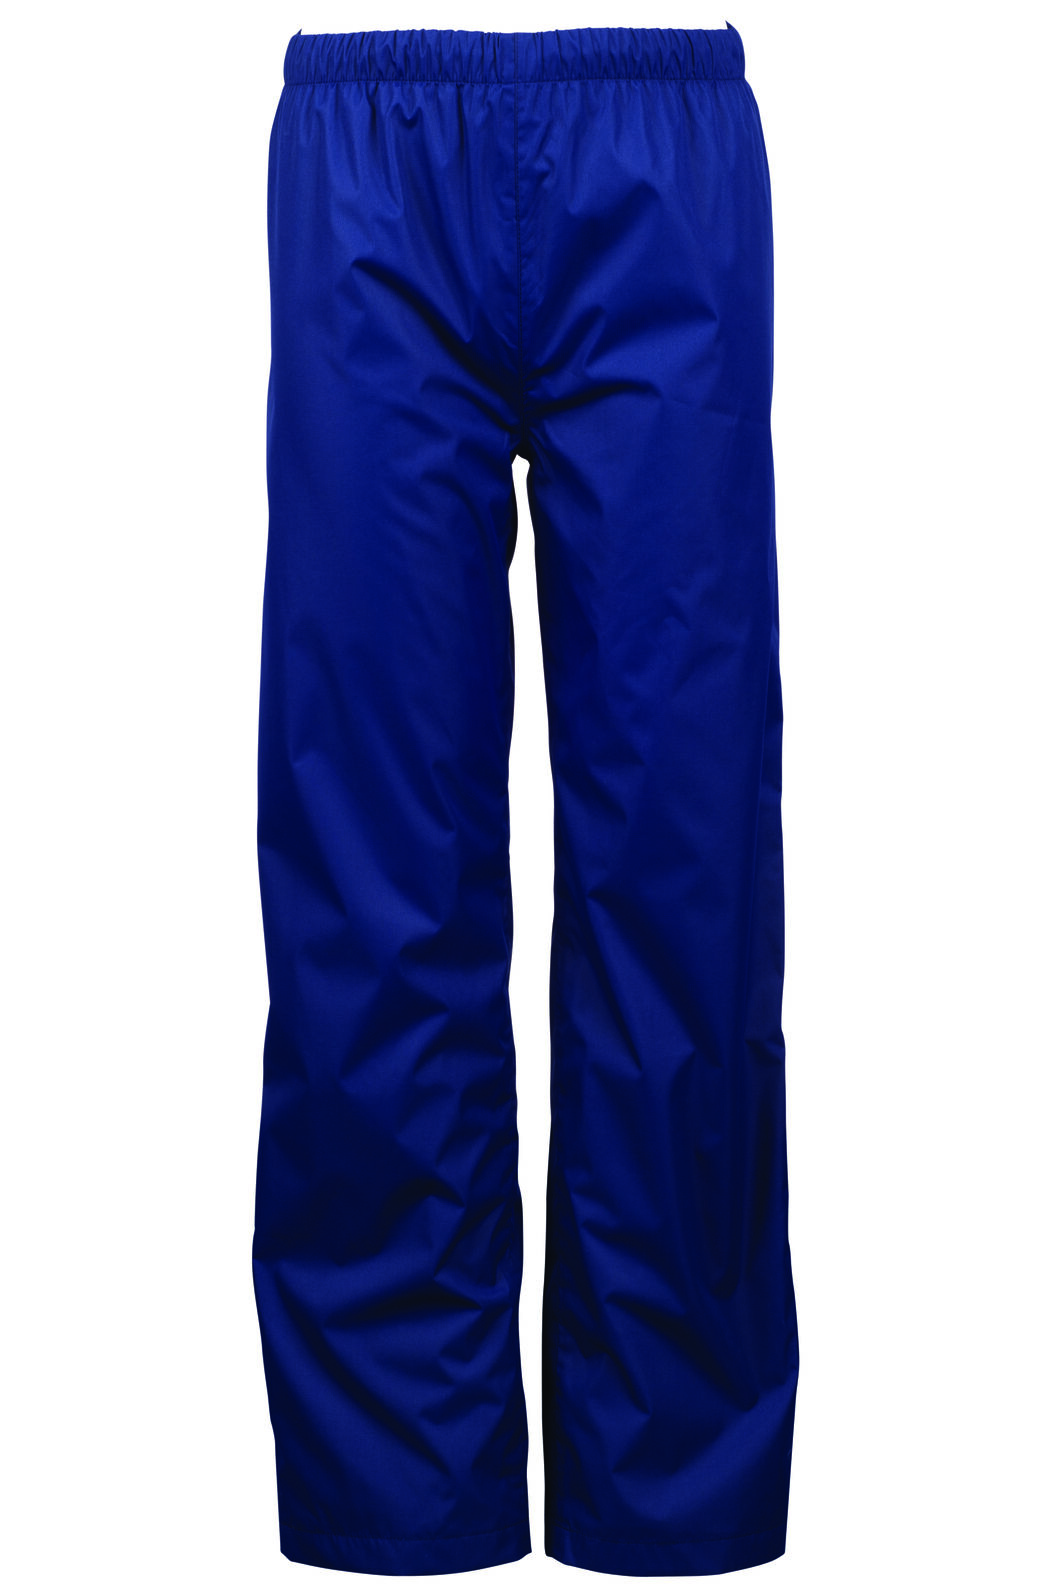 Macpac Jetstream Pants V2 - Kids', Medieval Blue, hi-res